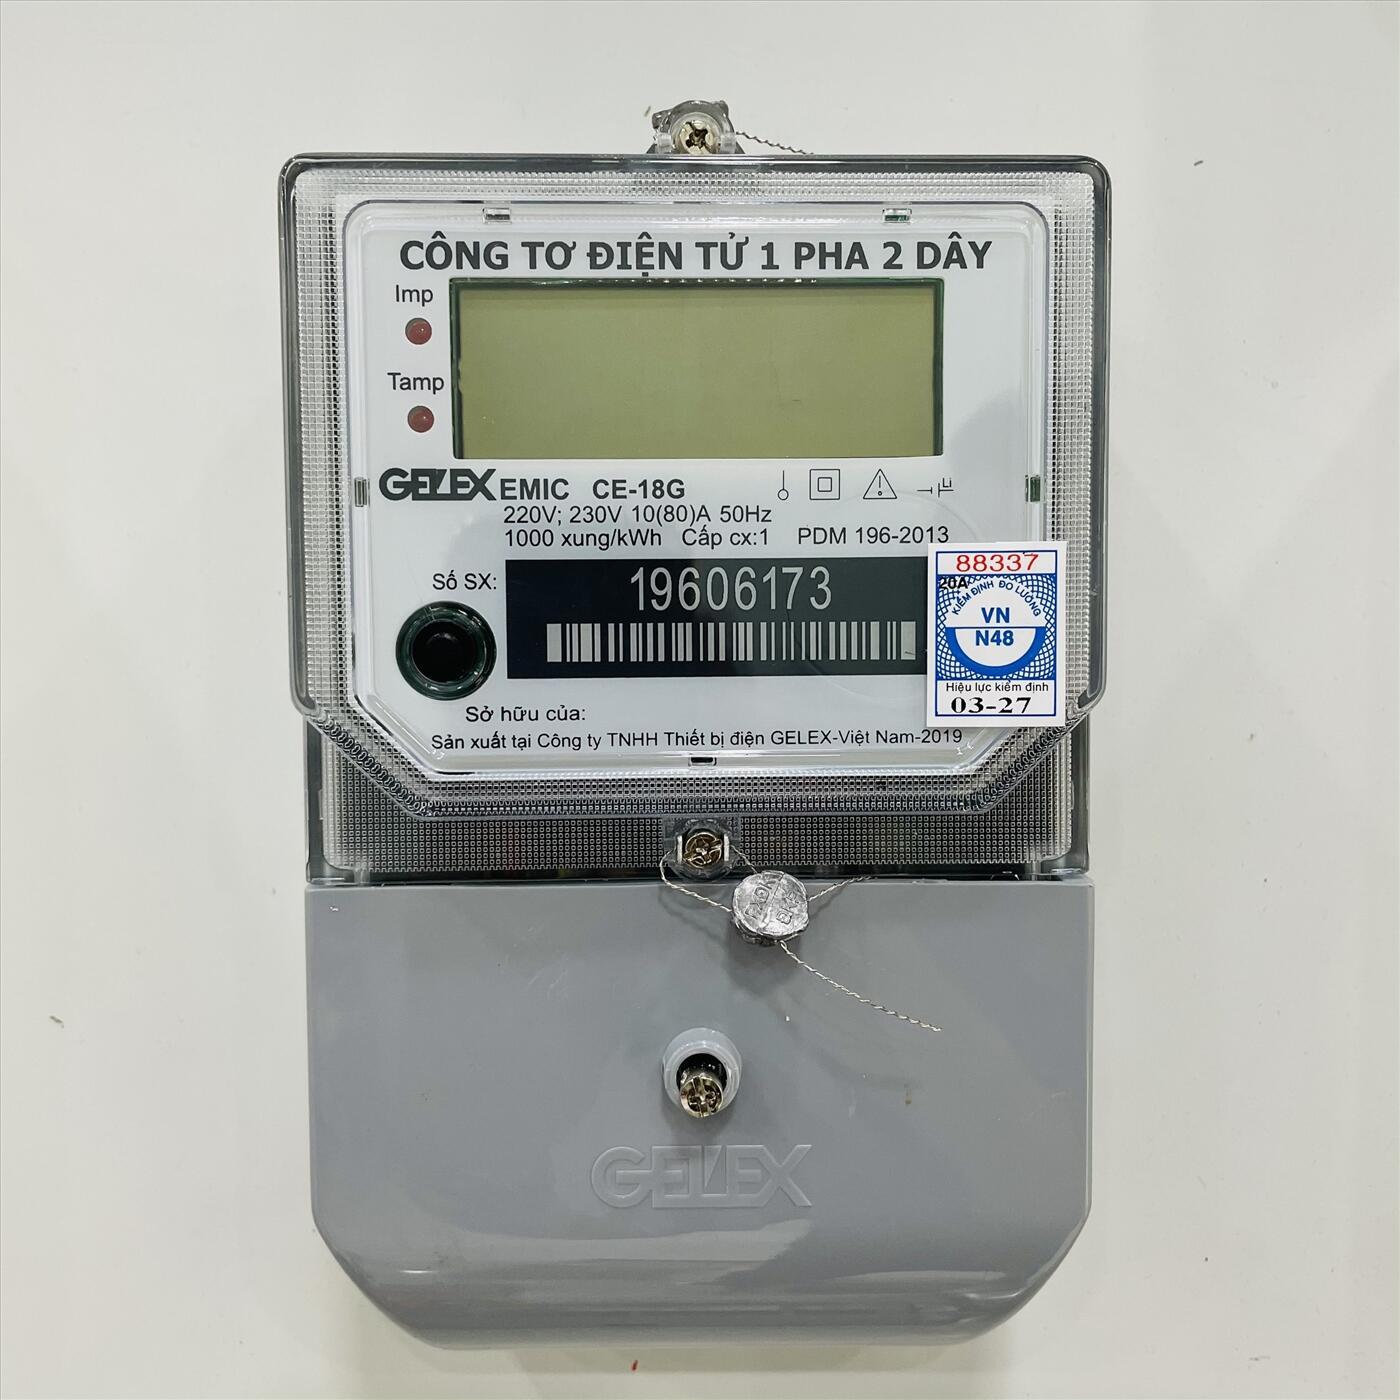 CÔNG TƠ ĐIỆN TỬ 1 PHA EMIC CE-18G